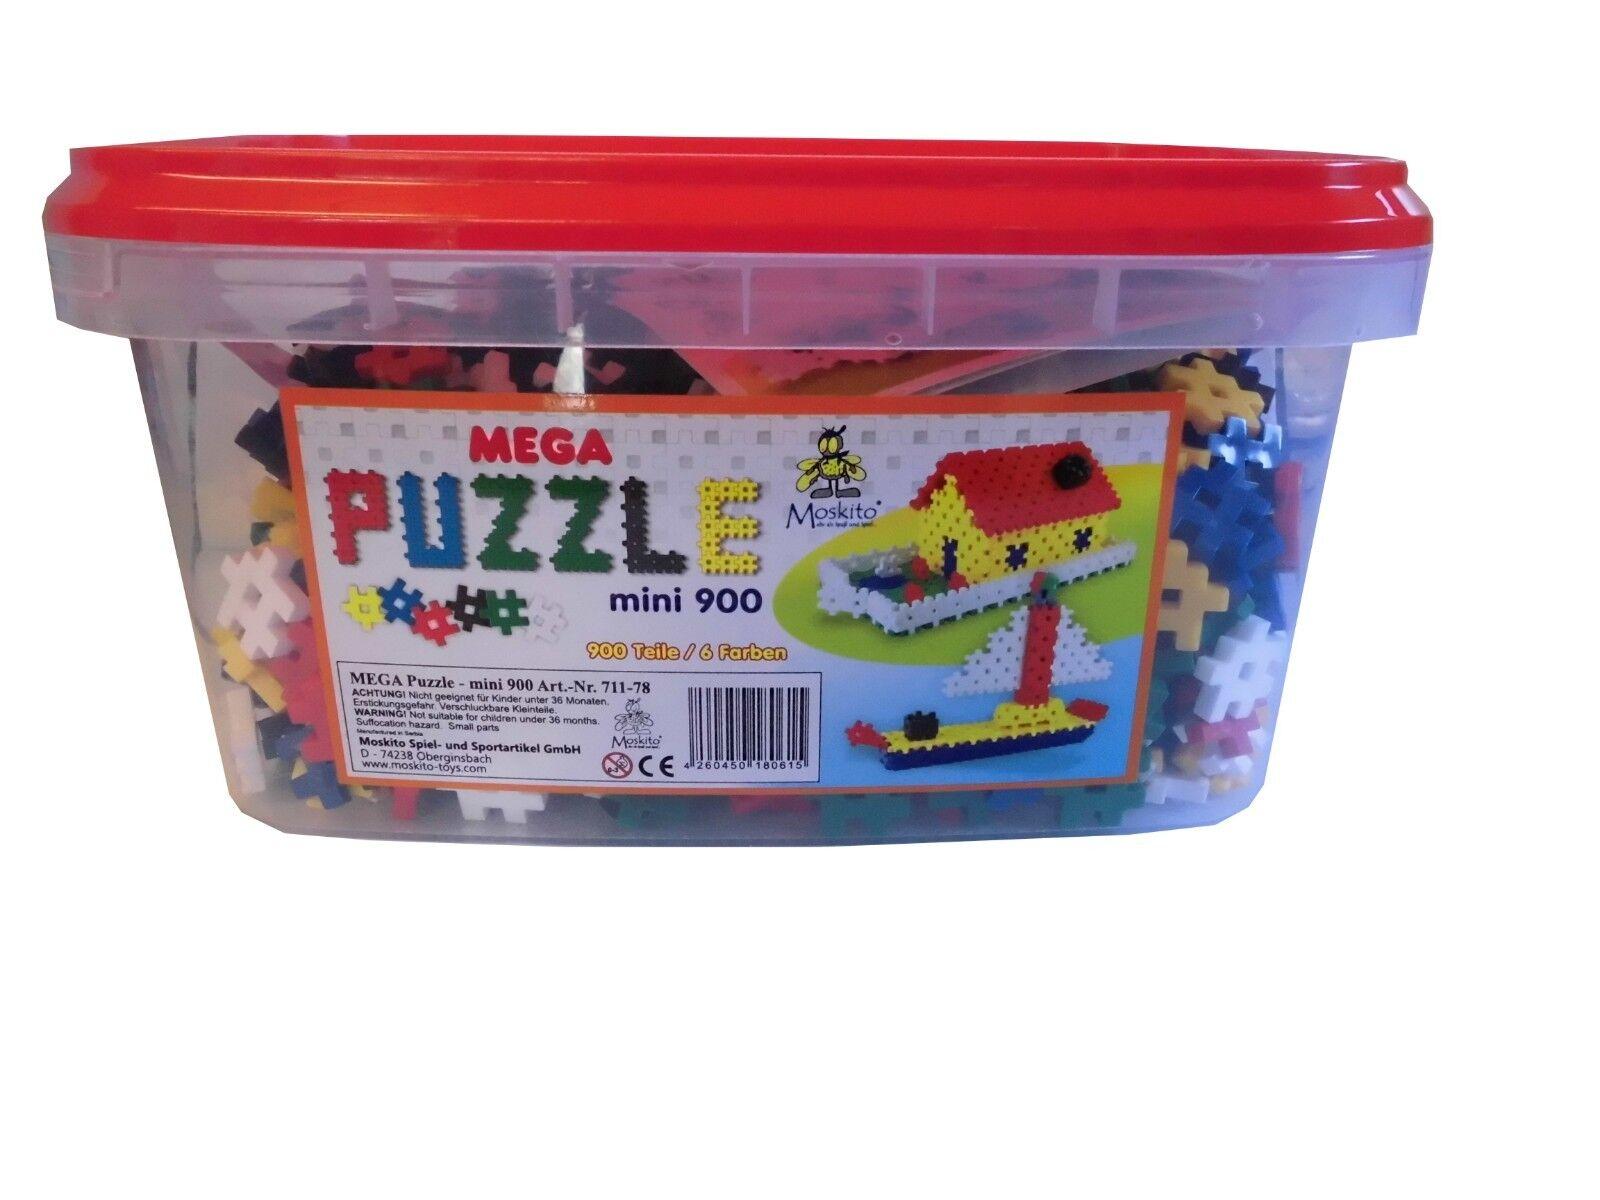 MEGA Puzzle mini - 900 Bausteine